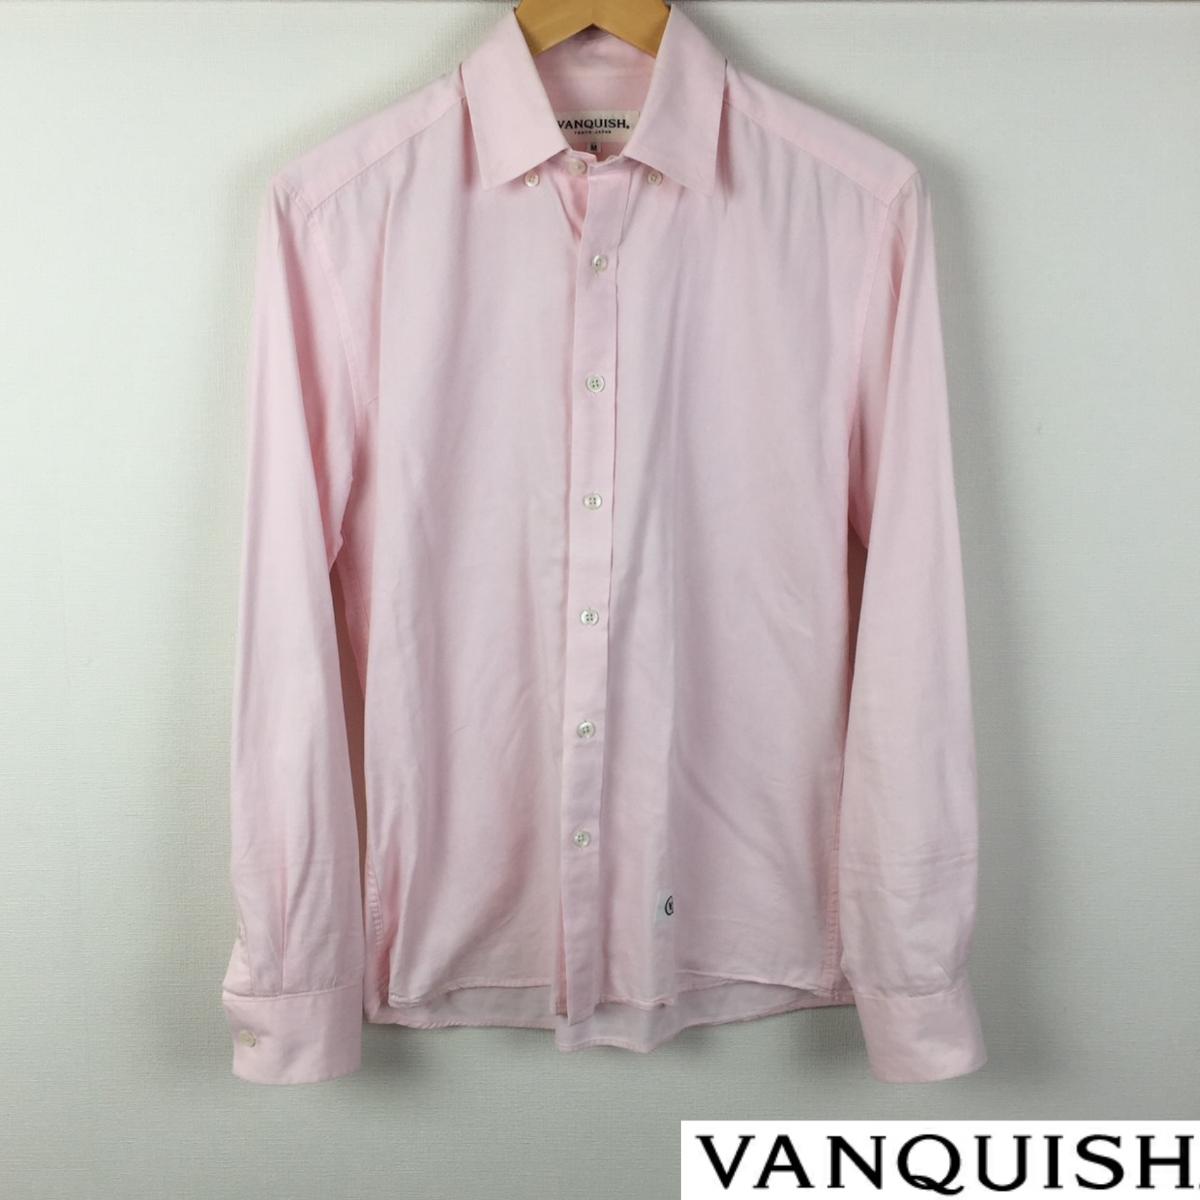 美品 VANQUISH ヴァンキッシュ 長袖シャツ ピンク サイズM 送料無料_画像1